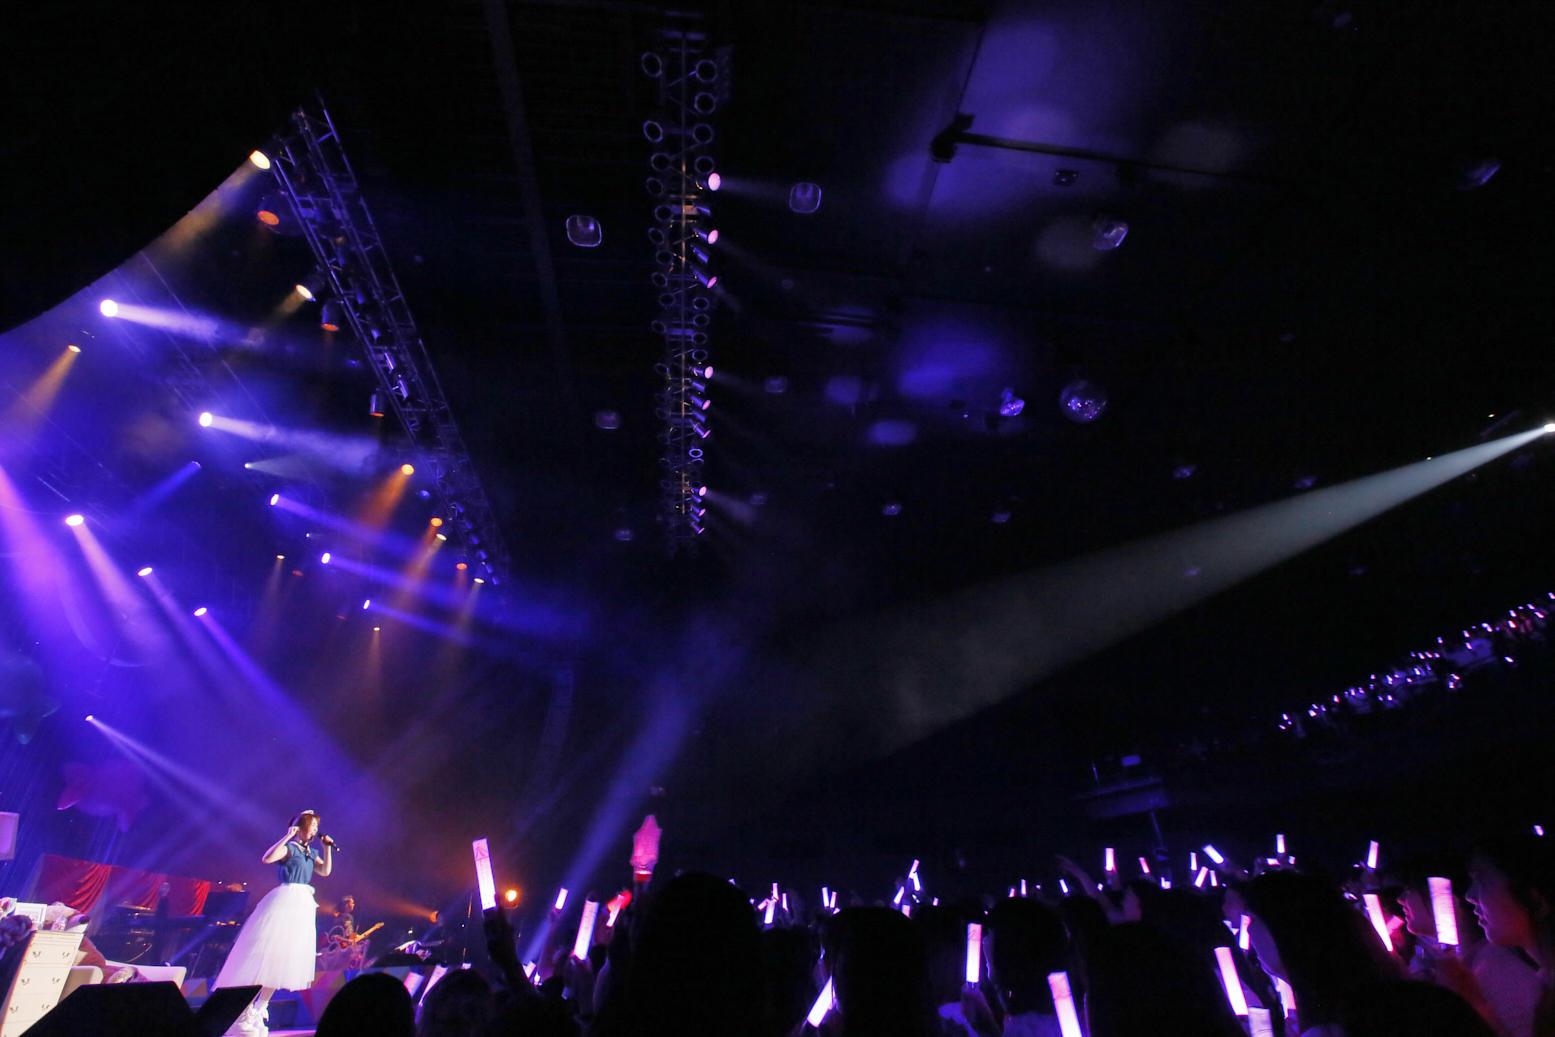 声優・内田彩さんの3rdシングルより、「Sign」(『五等分の花嫁』EDテーマ)と「Candy Flavor」のMV公開! ジャケ写、新アー写も解禁-7